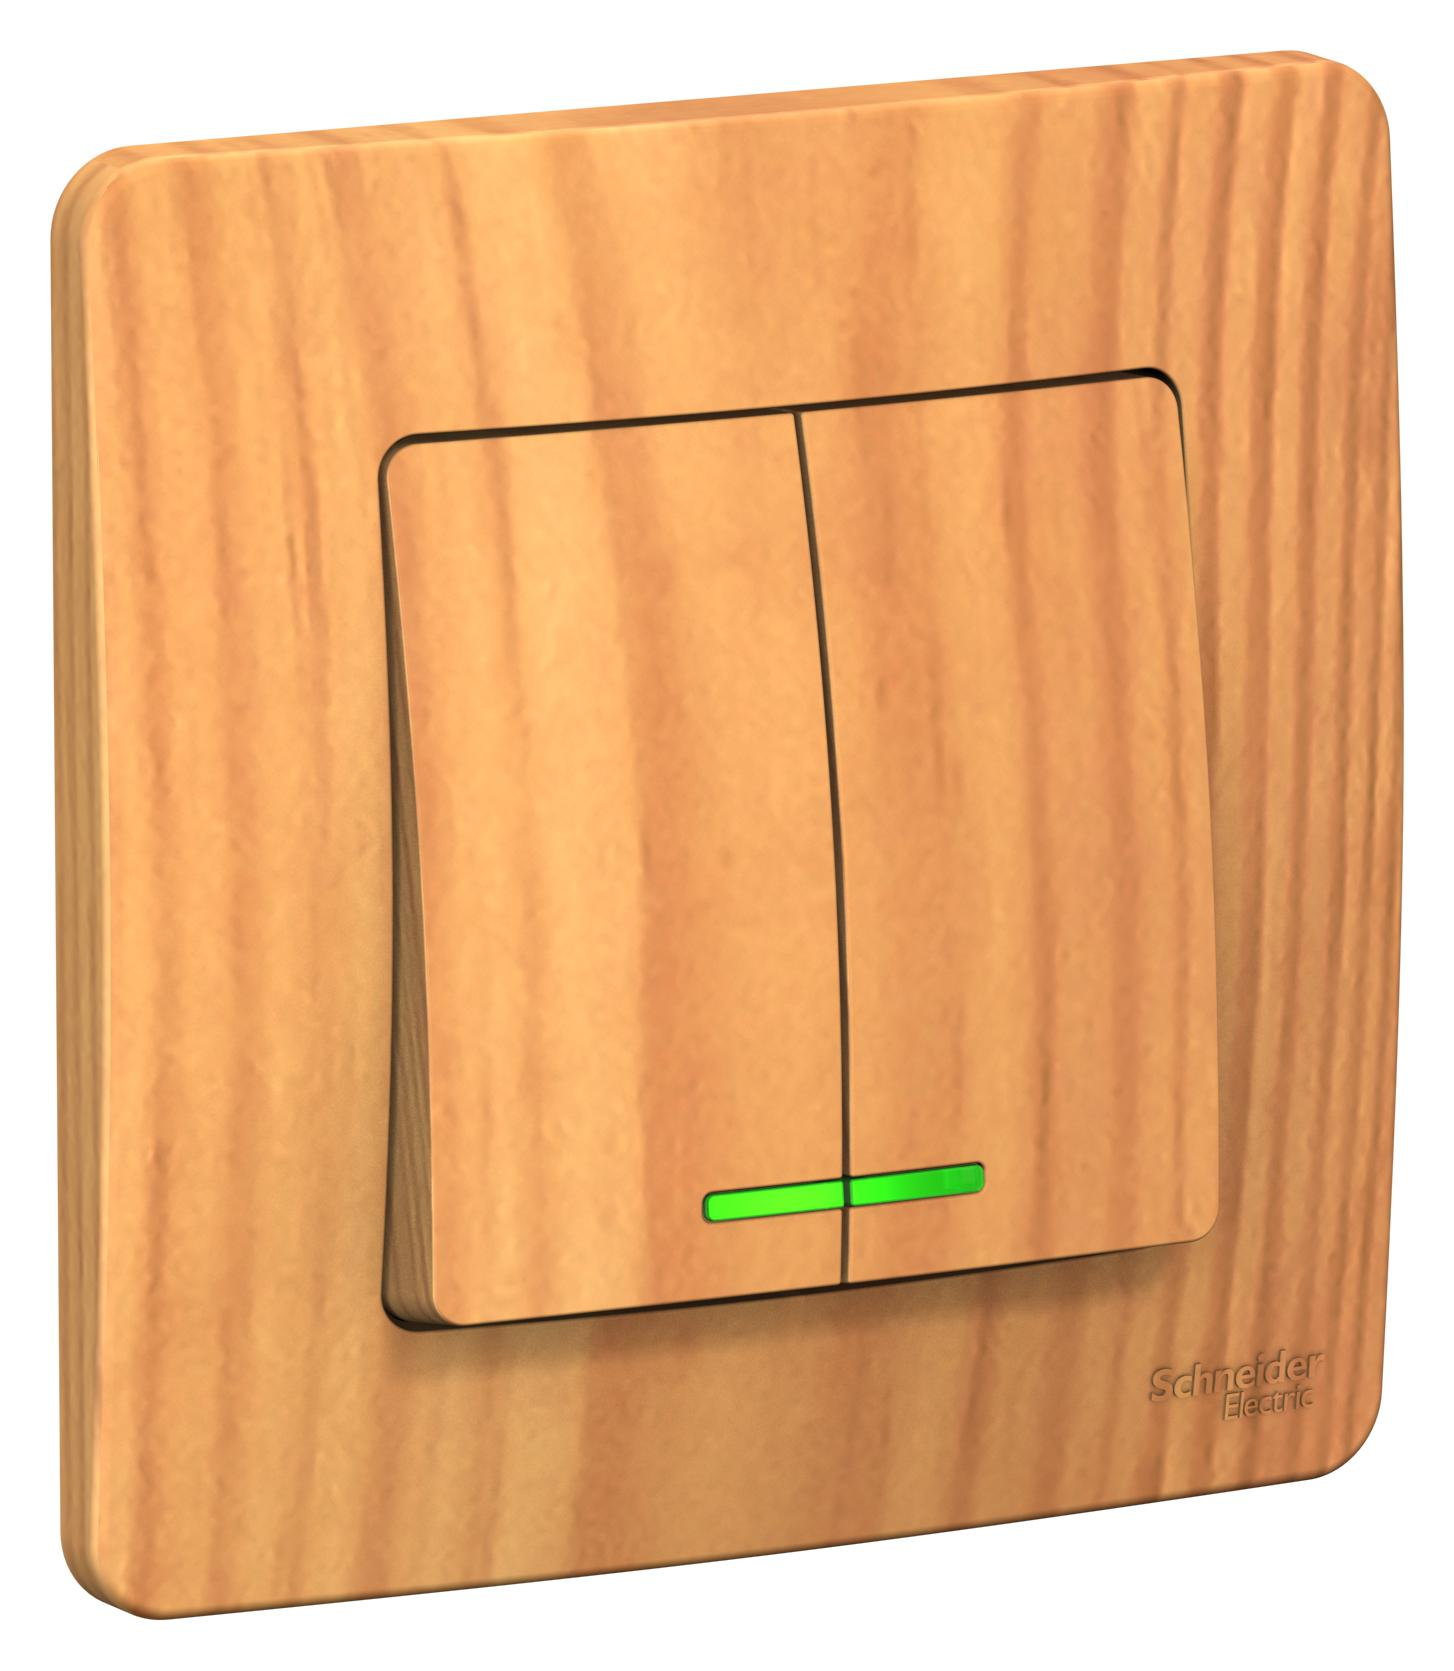 Выключатель Schneider electric Blnvs010515 blanca выключатель gsl000497 schneider electric